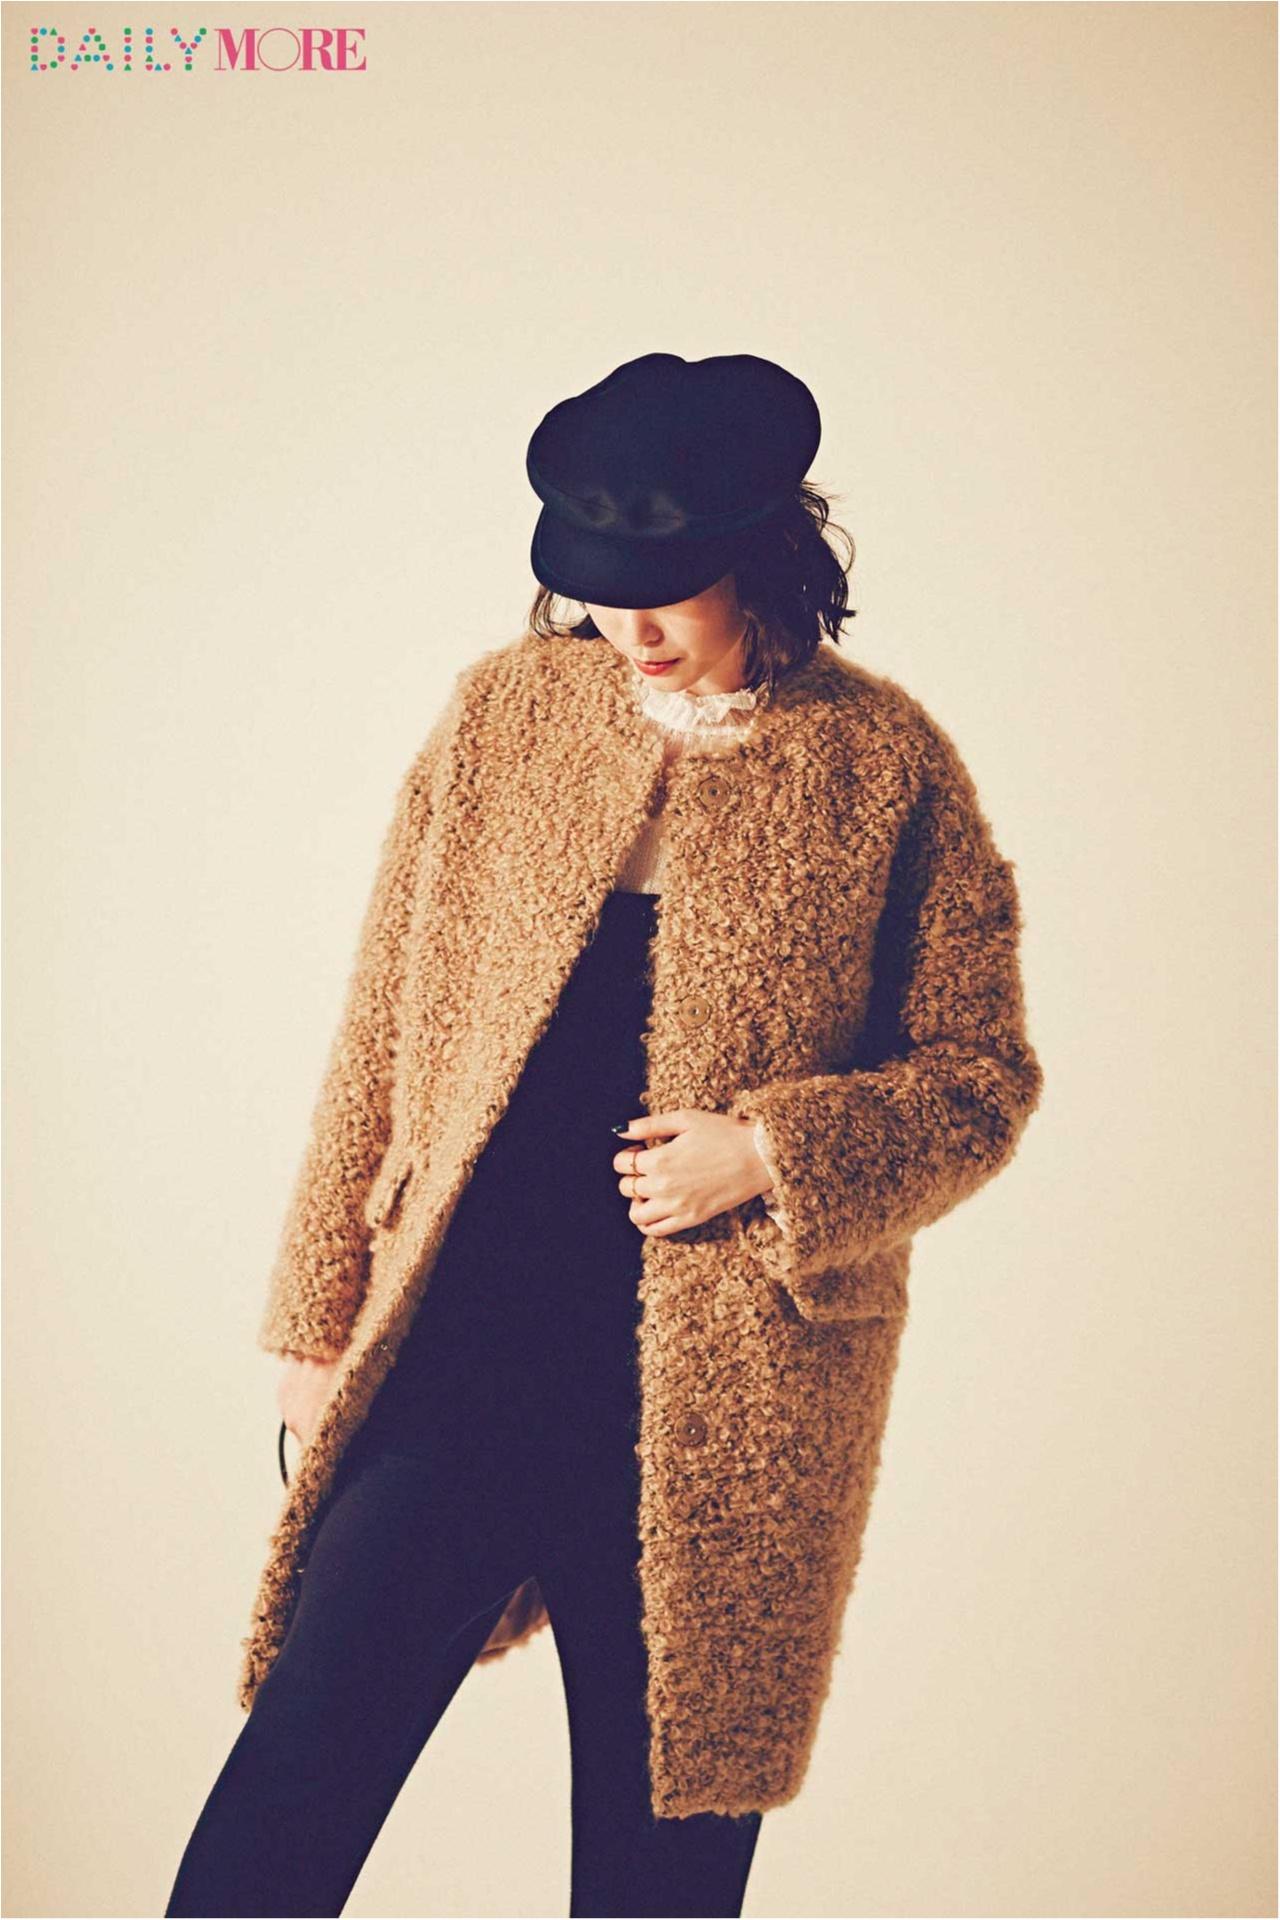 スタイリスト石上美津江さんが語る「カジュアルなコートを買えば、こんないいこと」ベスト3!_3